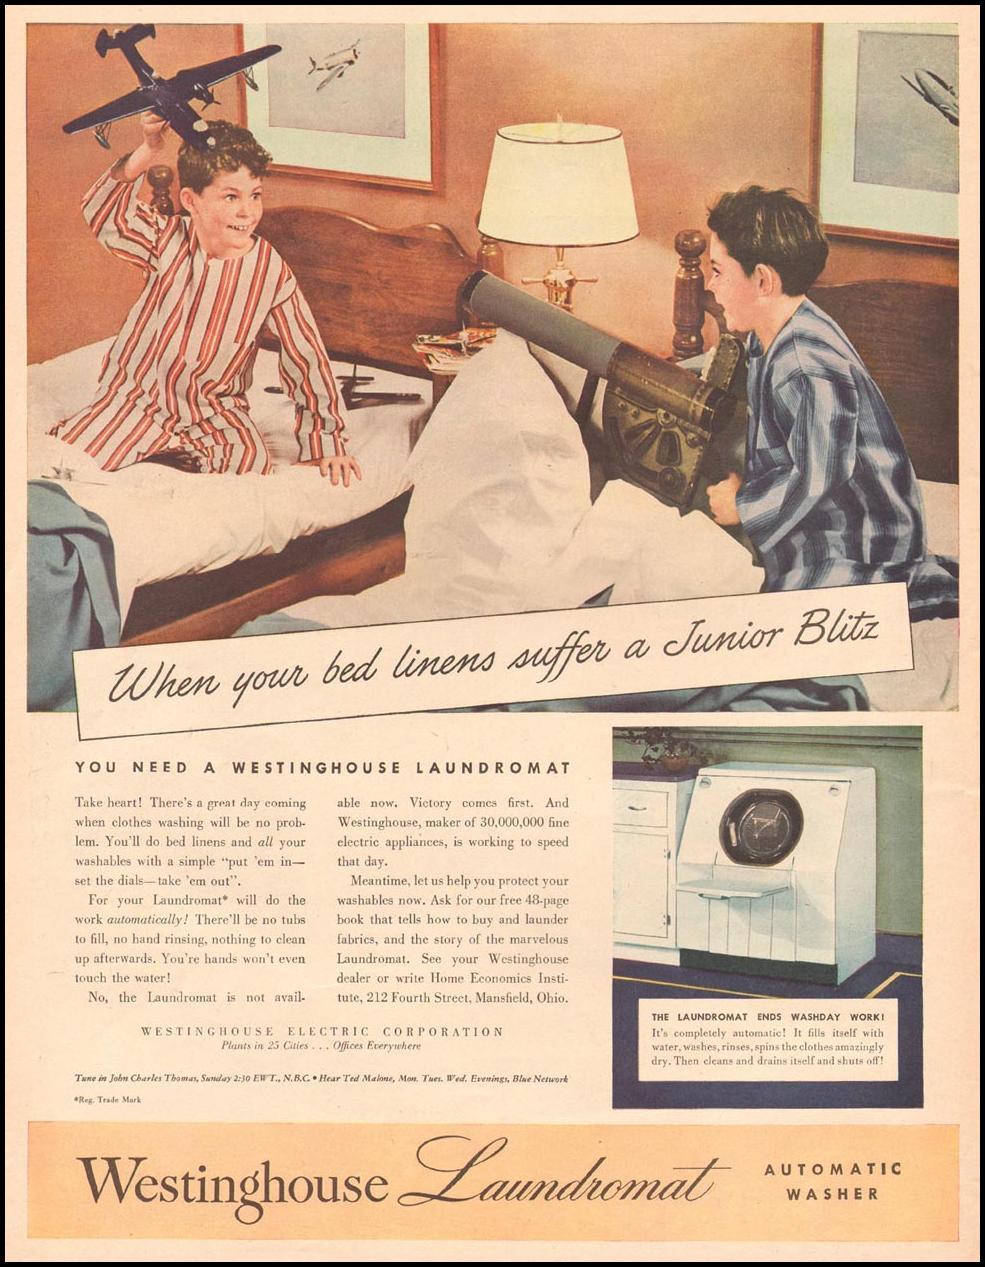 WESTINGHOUSE LAUNDROMAT AUTOMATIC WASHERS LIFE 06/04/1945 p. 11